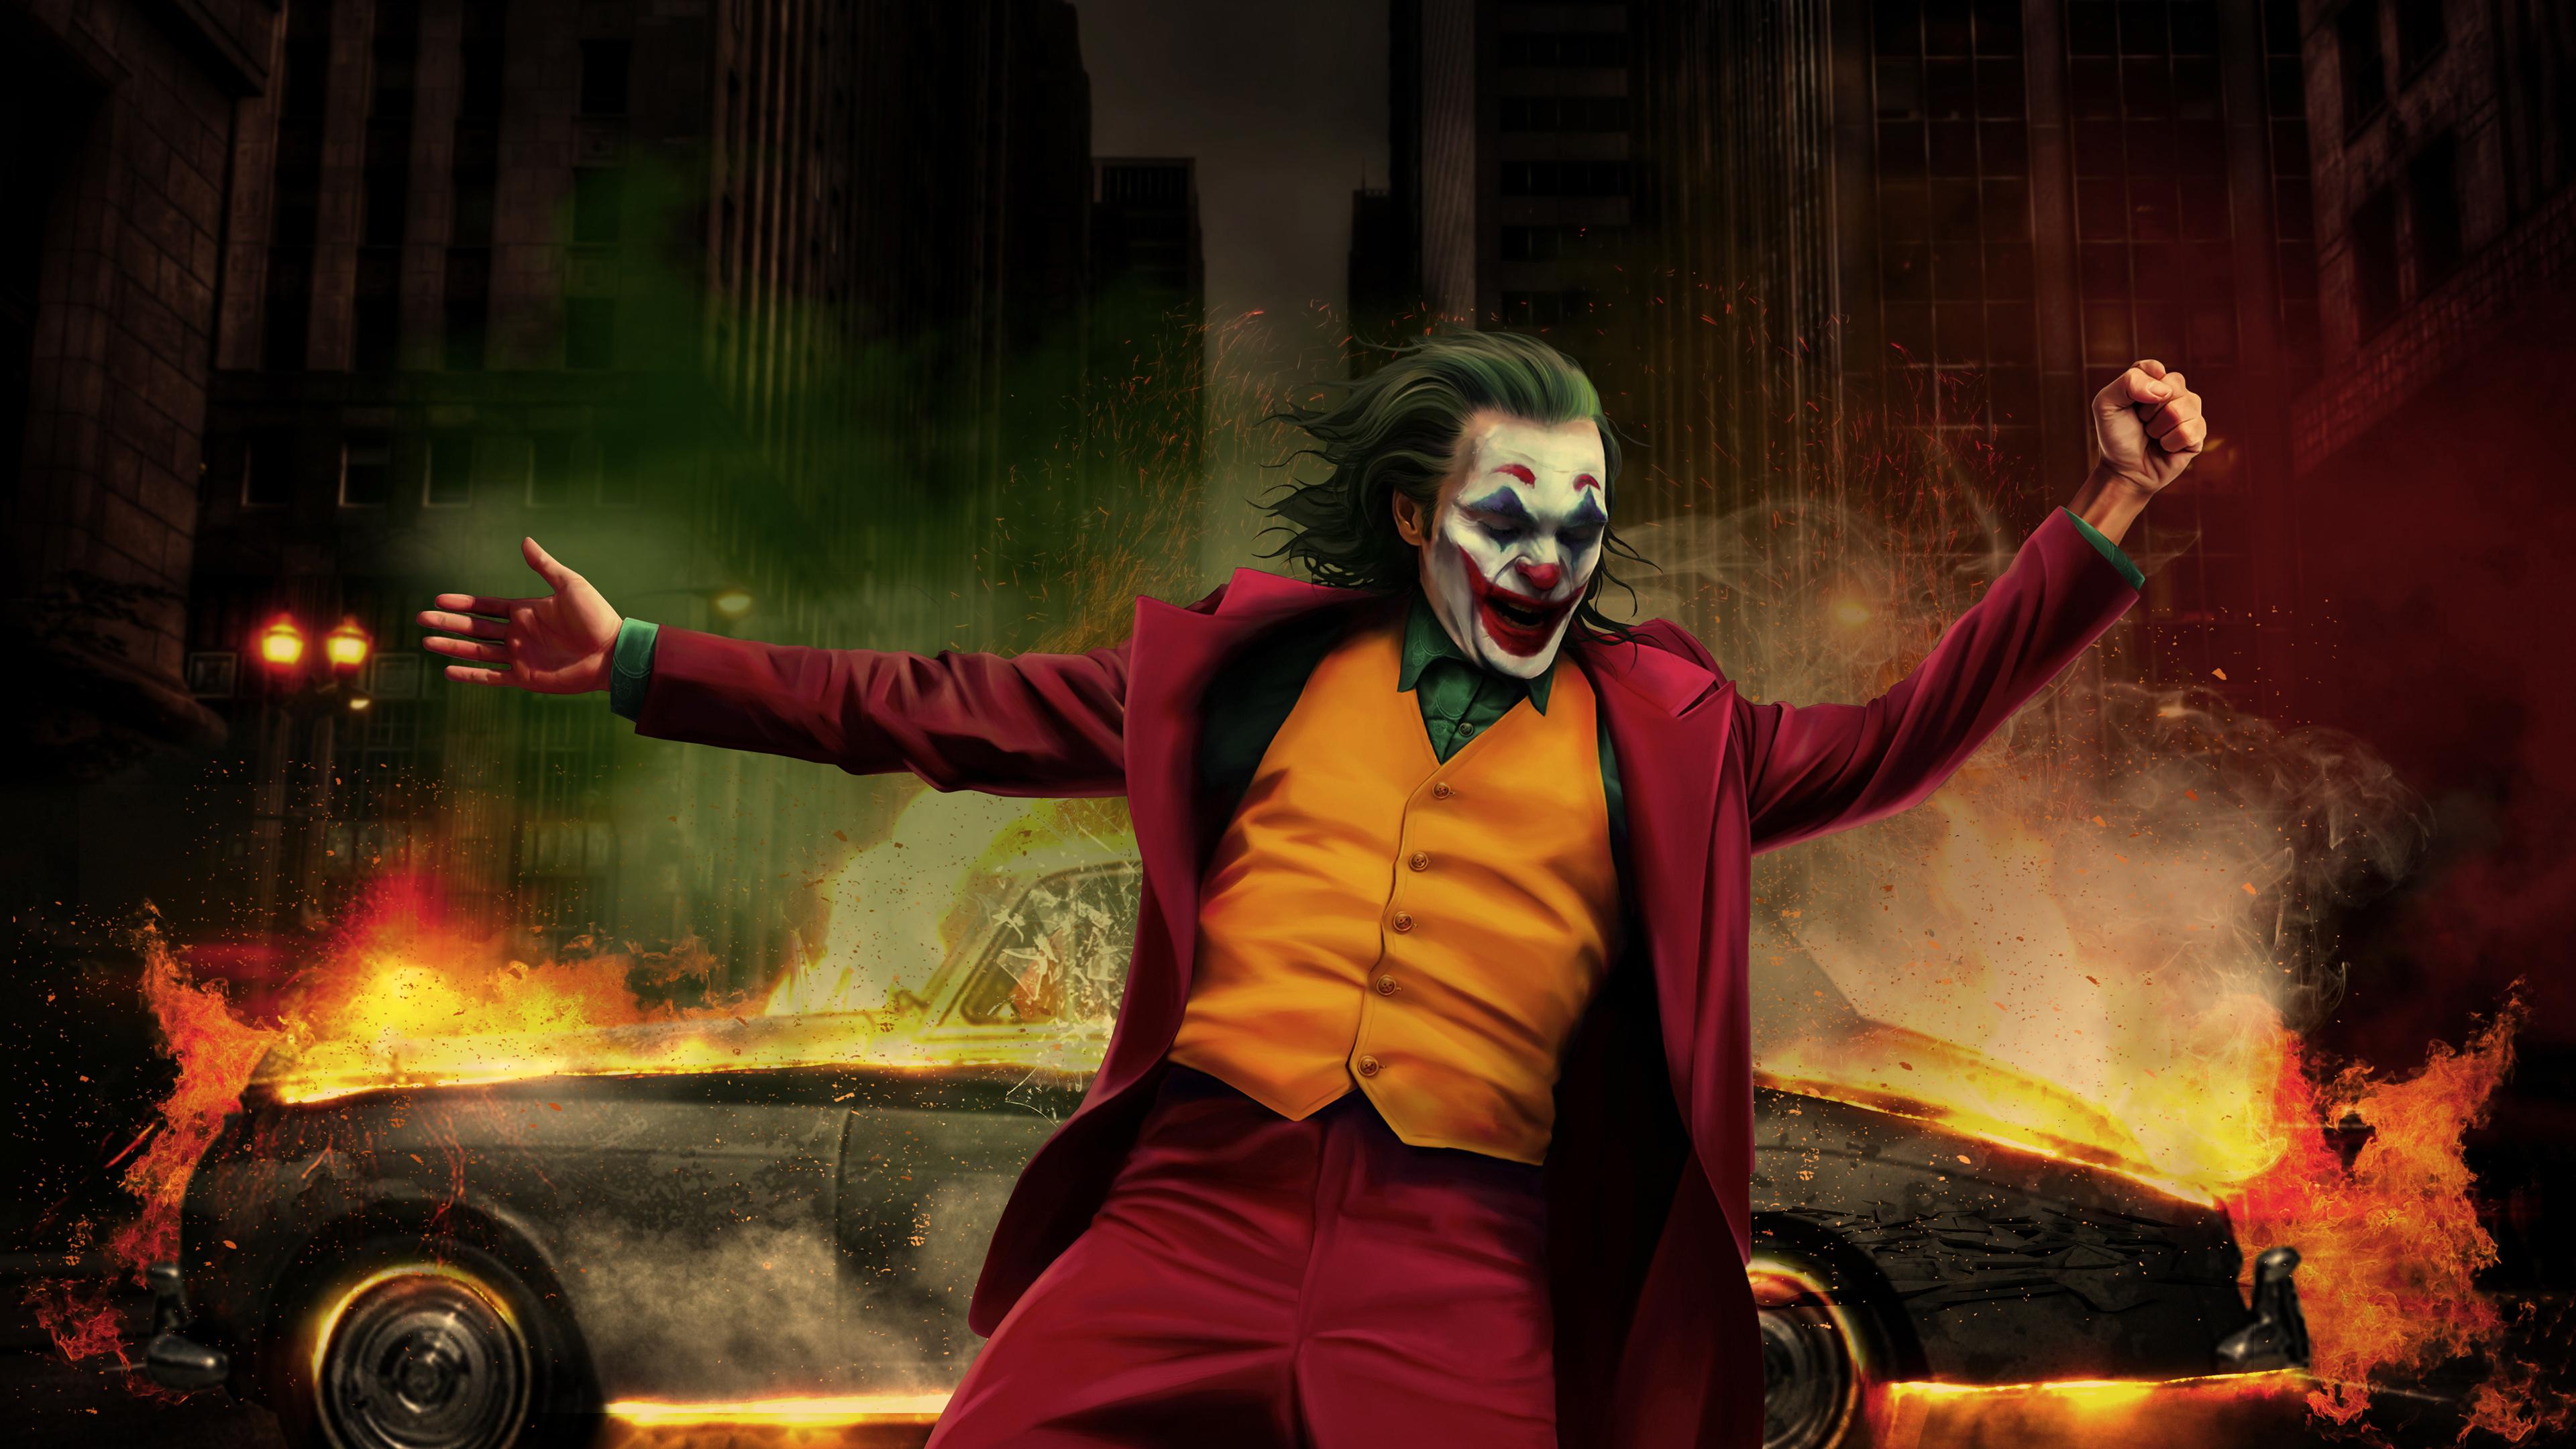 joker happy dancing 1572368502 - Joker Happy Dancing - supervillain wallpapers, superheroes wallpapers, joker wallpapers, joker movie wallpapers, hd-wallpapers, 4k-wallpapers